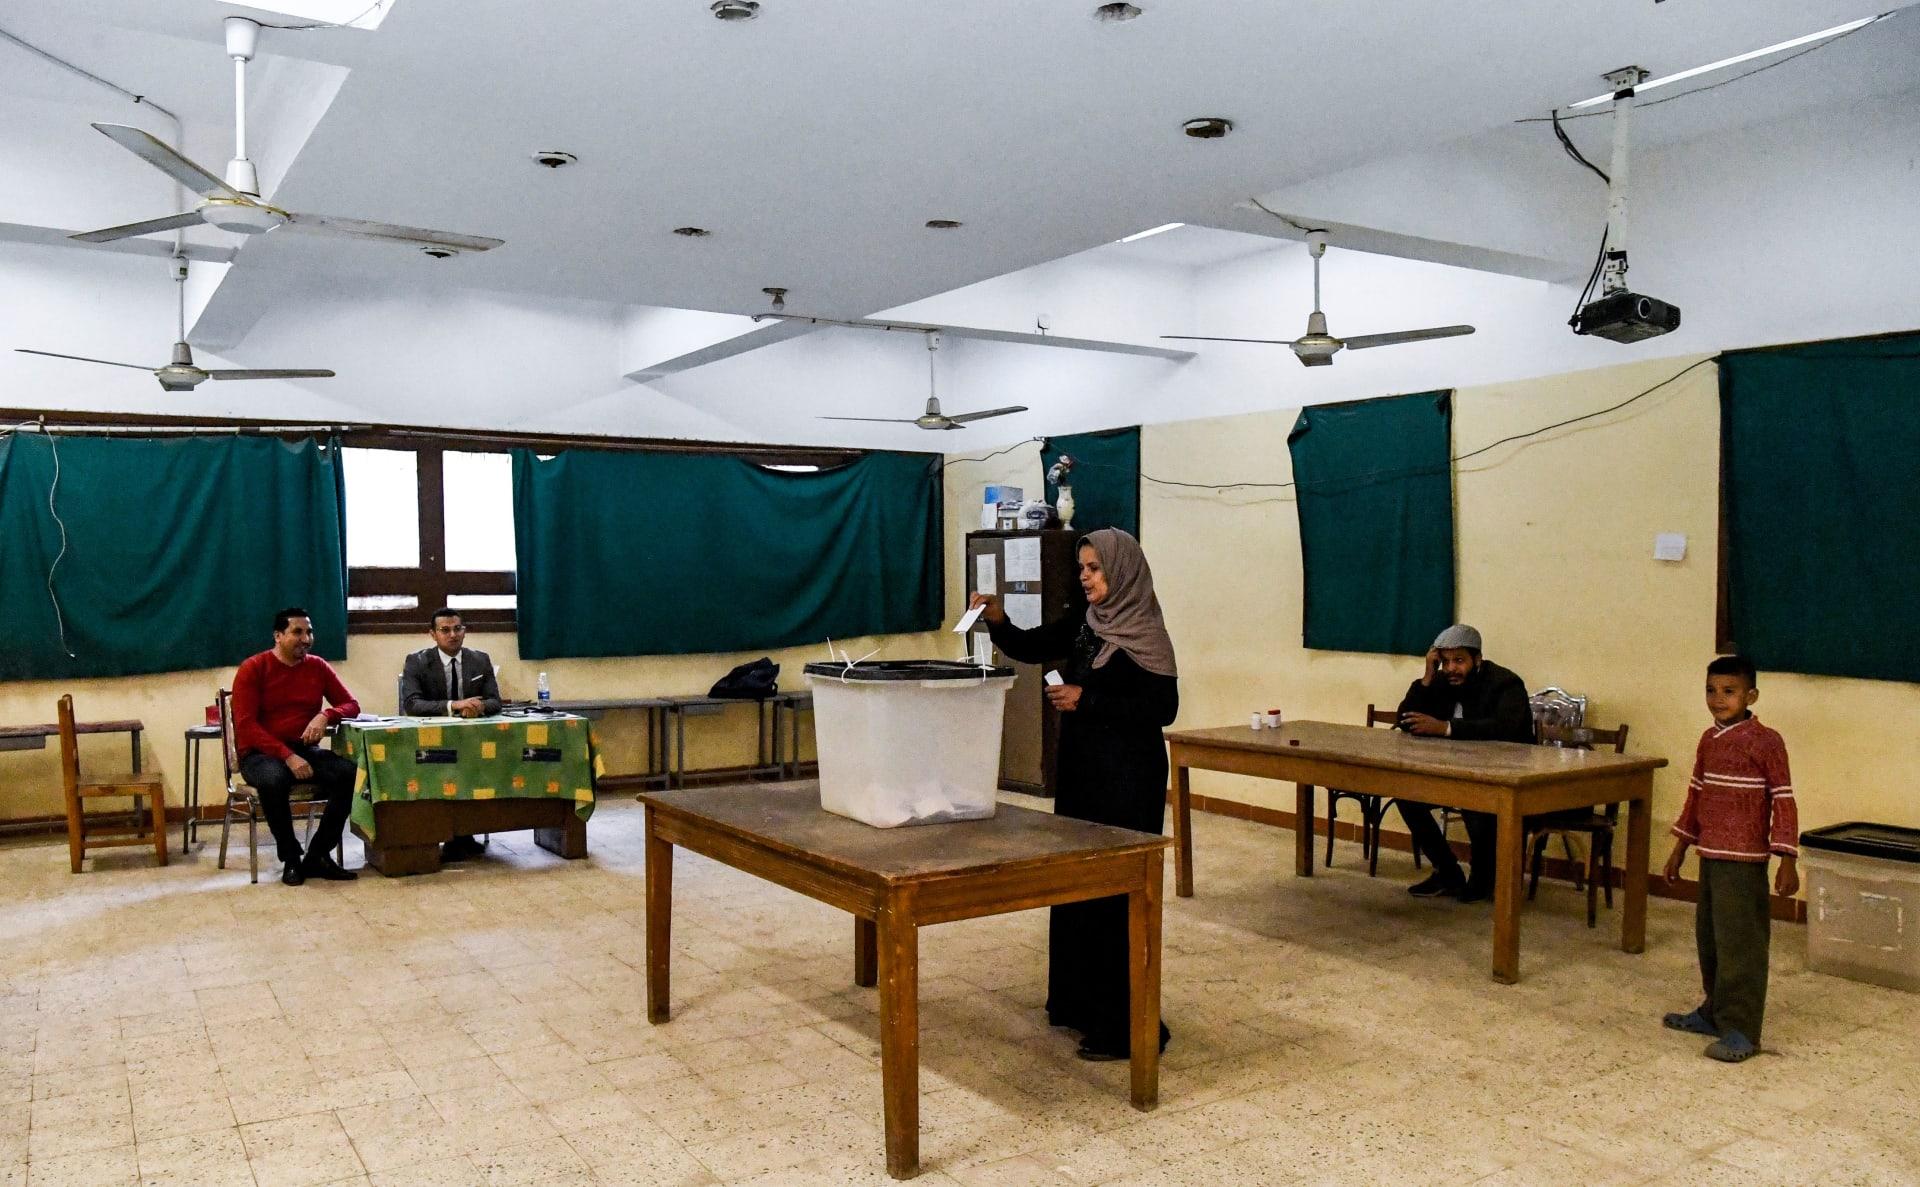 سيدة مصرية تدلي بصوتها في الاستفتاء على تعديلات دستورية في البلاد في 2019